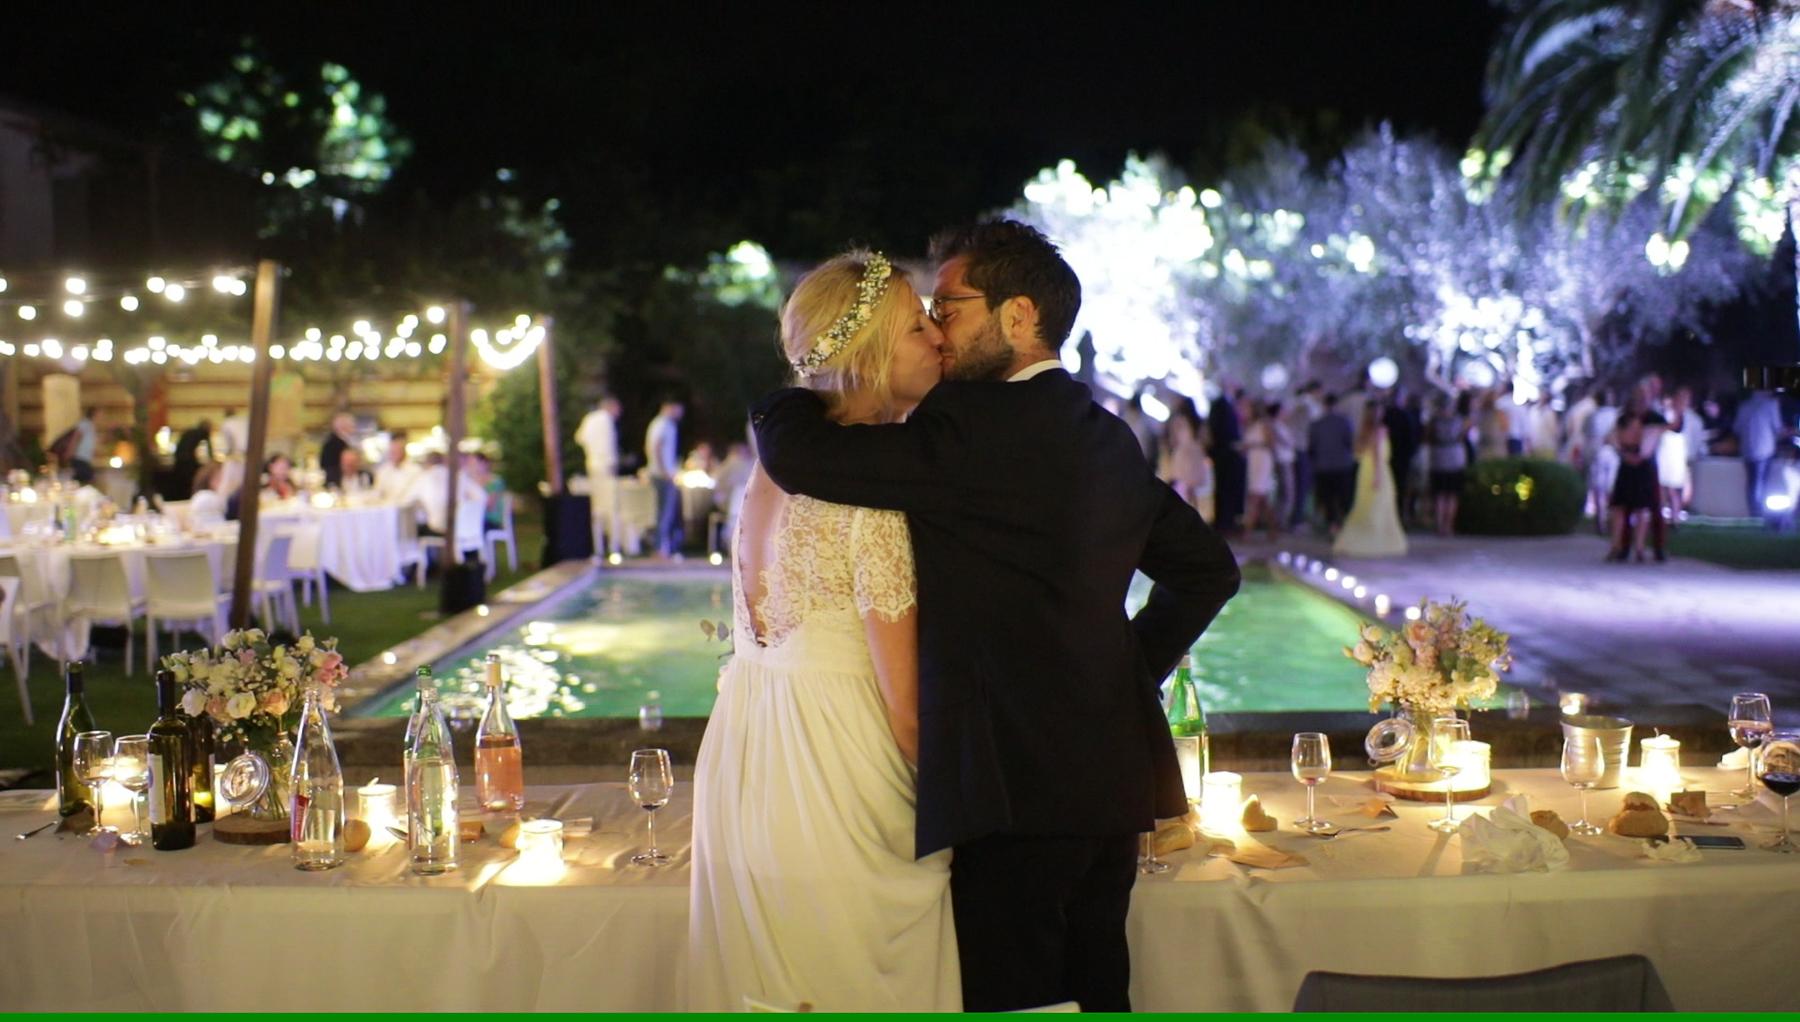 Videaste mariage Nimes